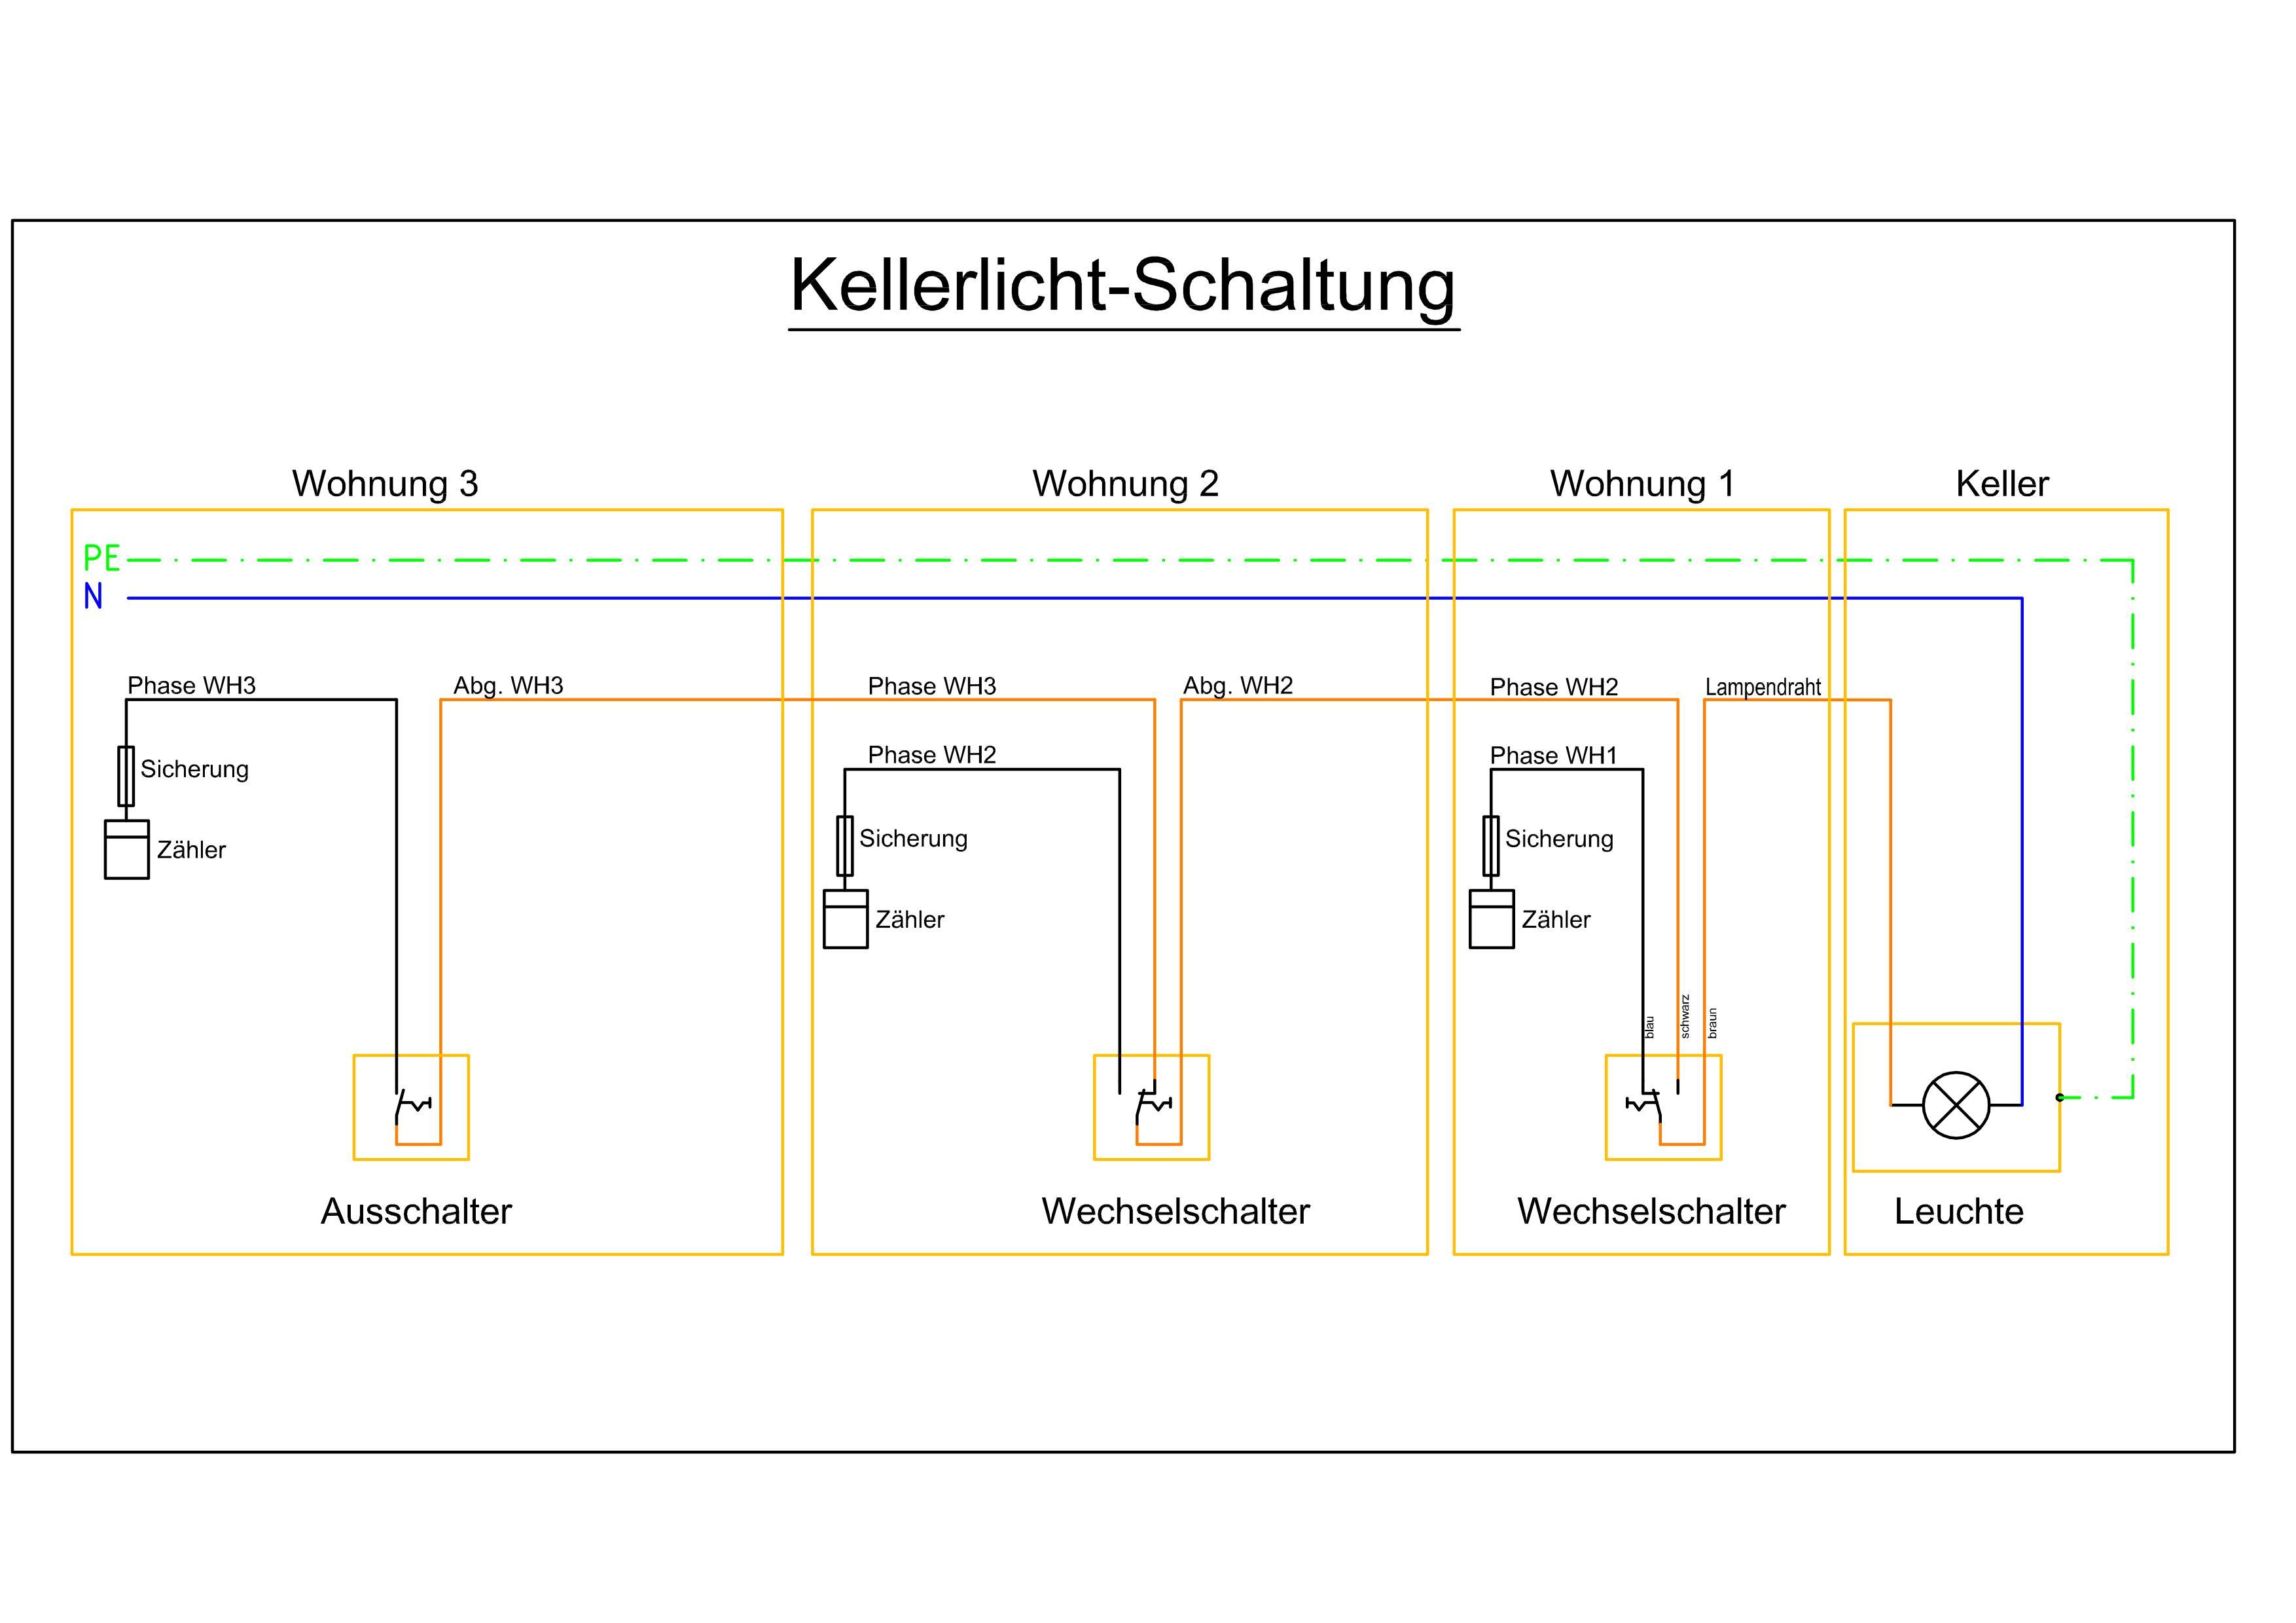 Gemütlich Lichtschaltung Mit Schalter Galerie - Der Schaltplan ...